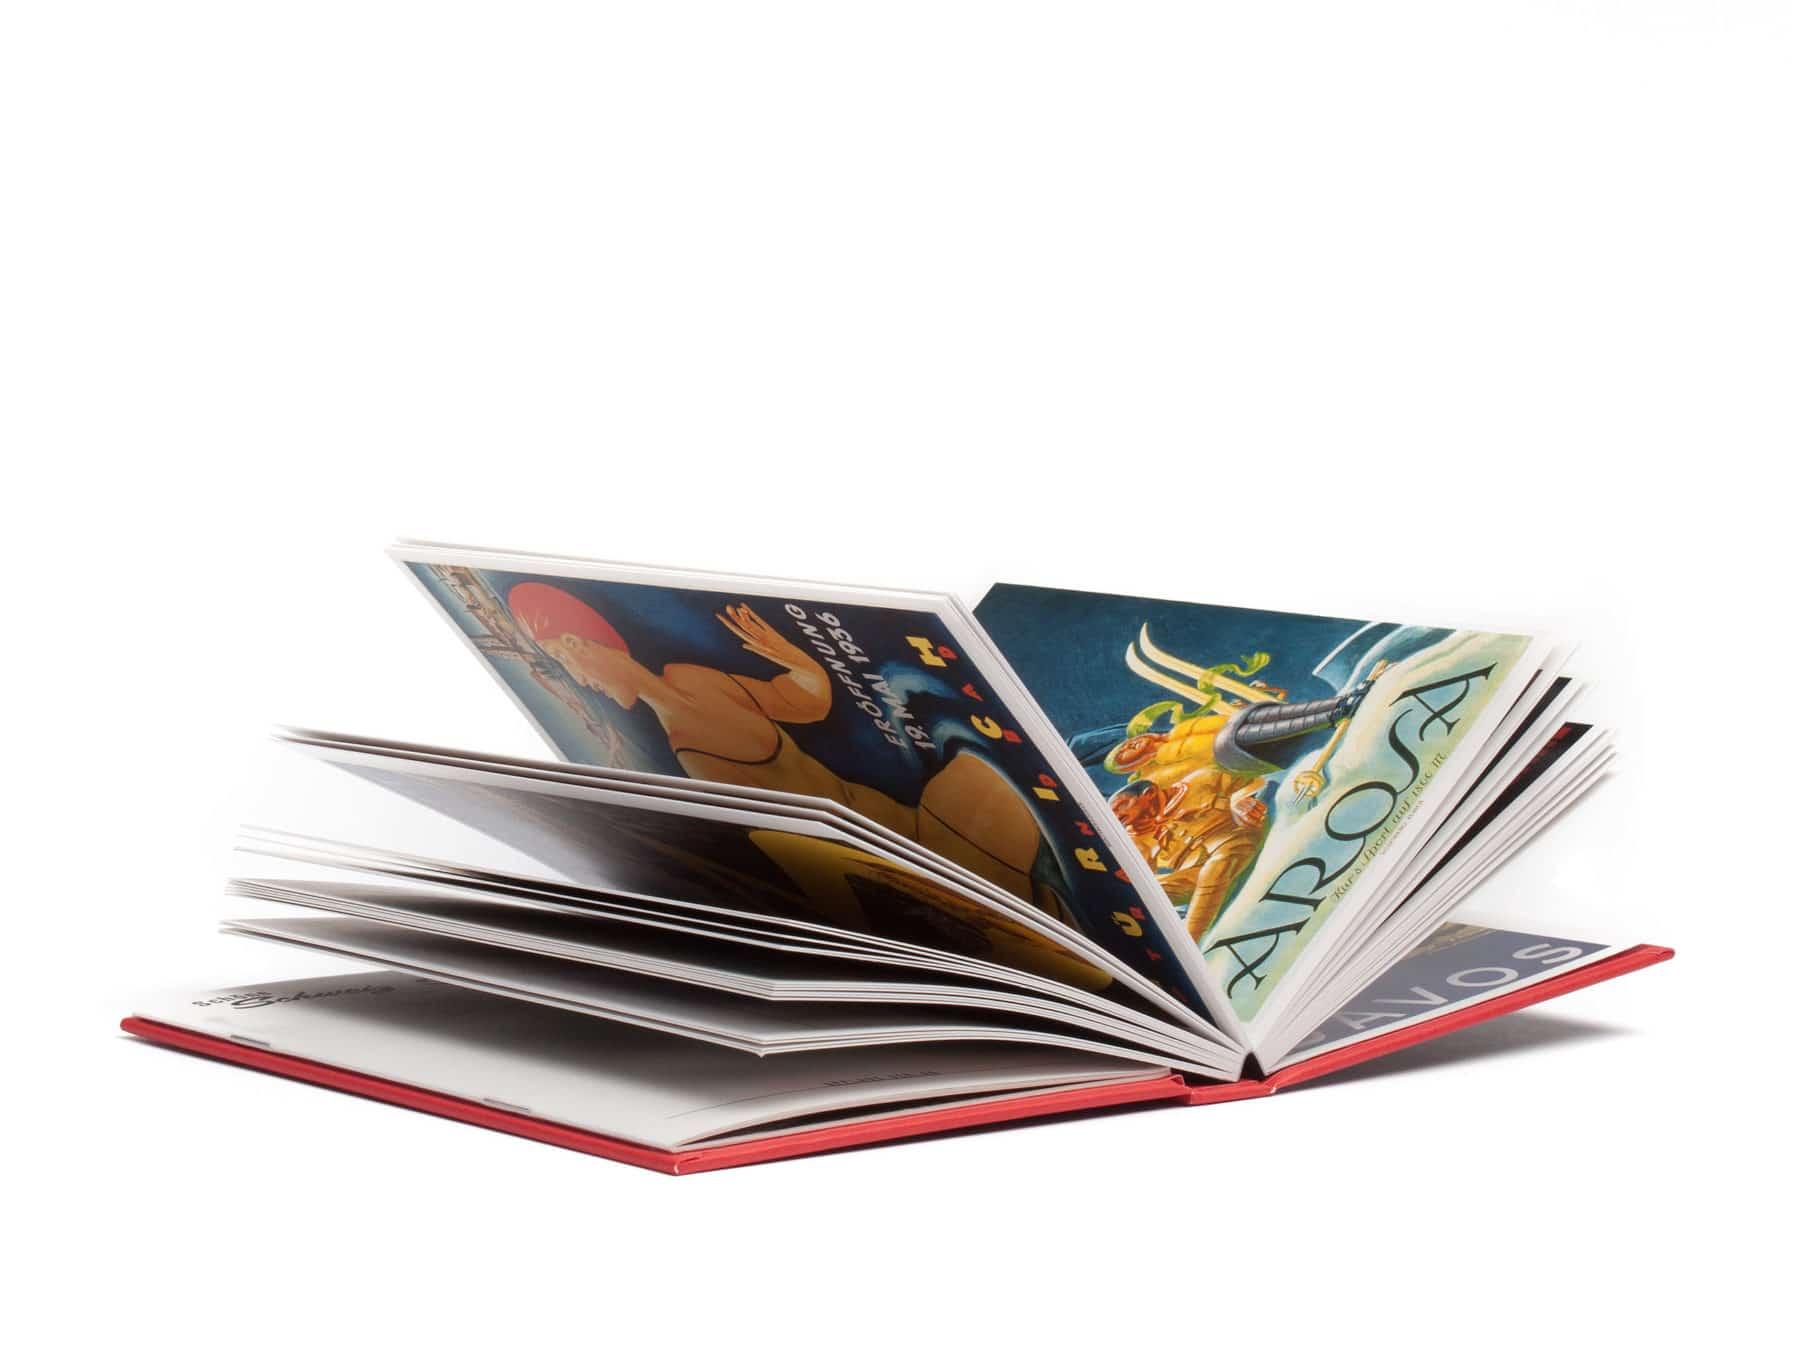 Postkarten kaufen Postkartenbuch Schoene Schweiz AT Verlag alte Postkarten historische Plakate Schweiz KURTS.ch